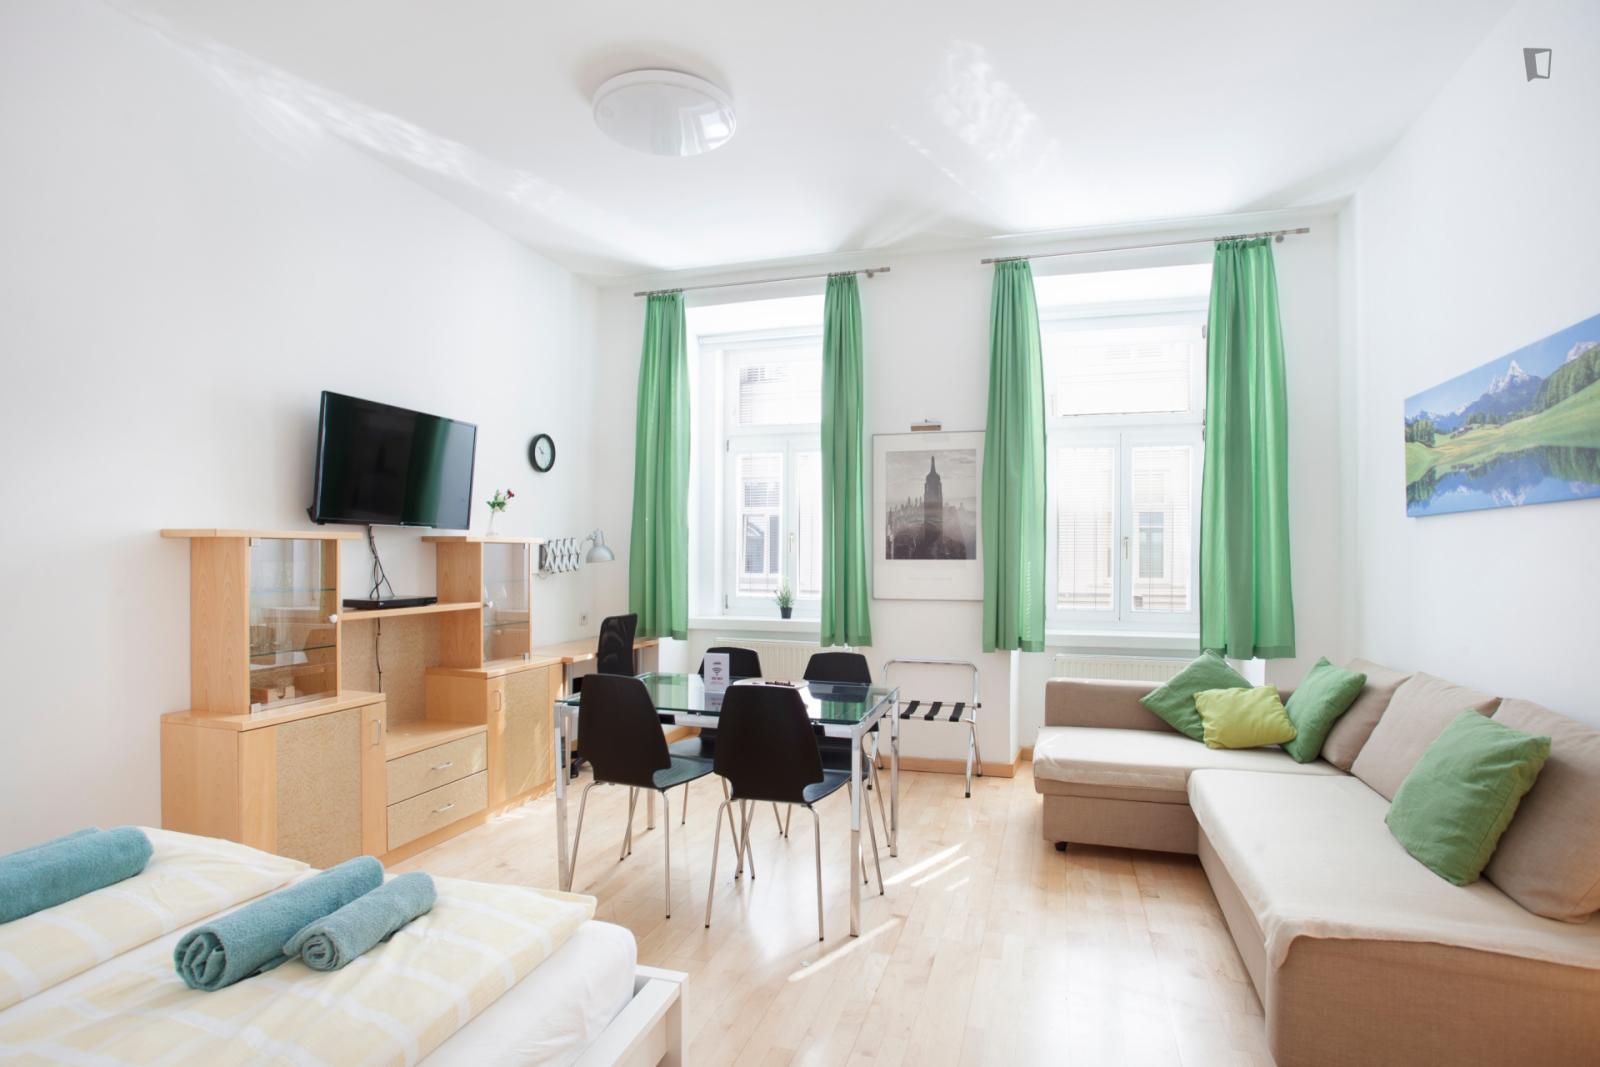 Große Mohrengasse, Leopoldstadt, AT-9 - 1,200 EUR/ month